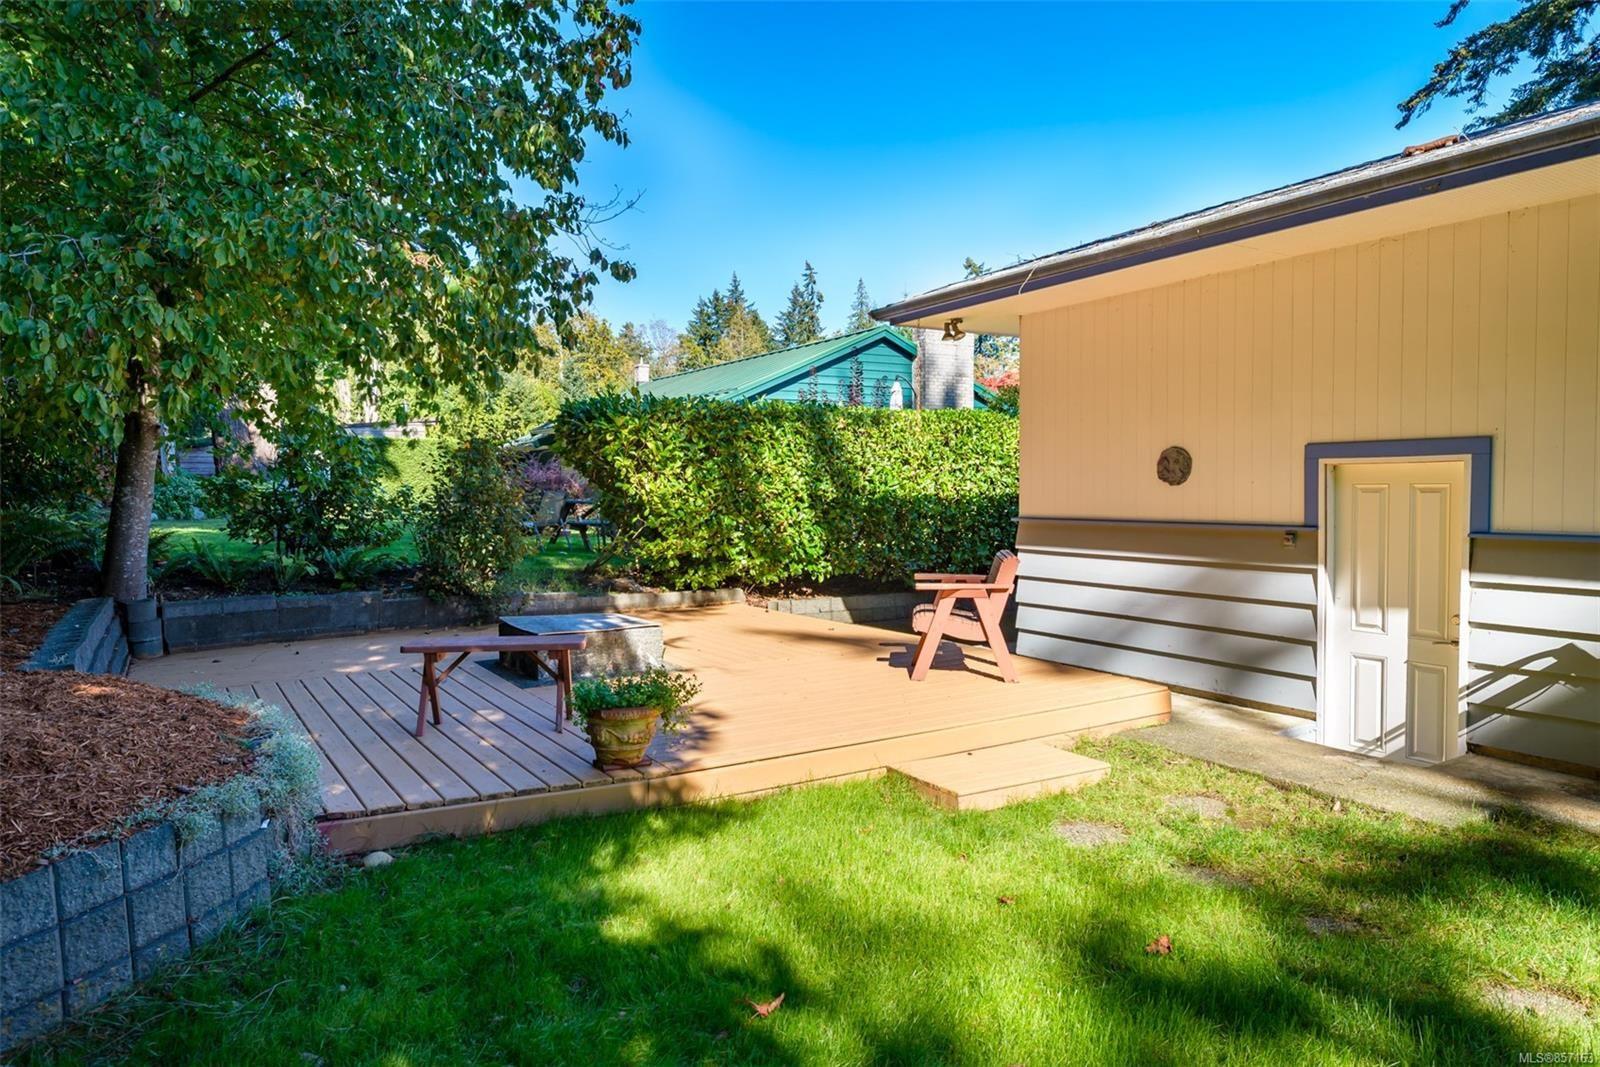 Photo 53: Photos: 4241 Buddington Rd in : CV Courtenay South House for sale (Comox Valley)  : MLS®# 857163